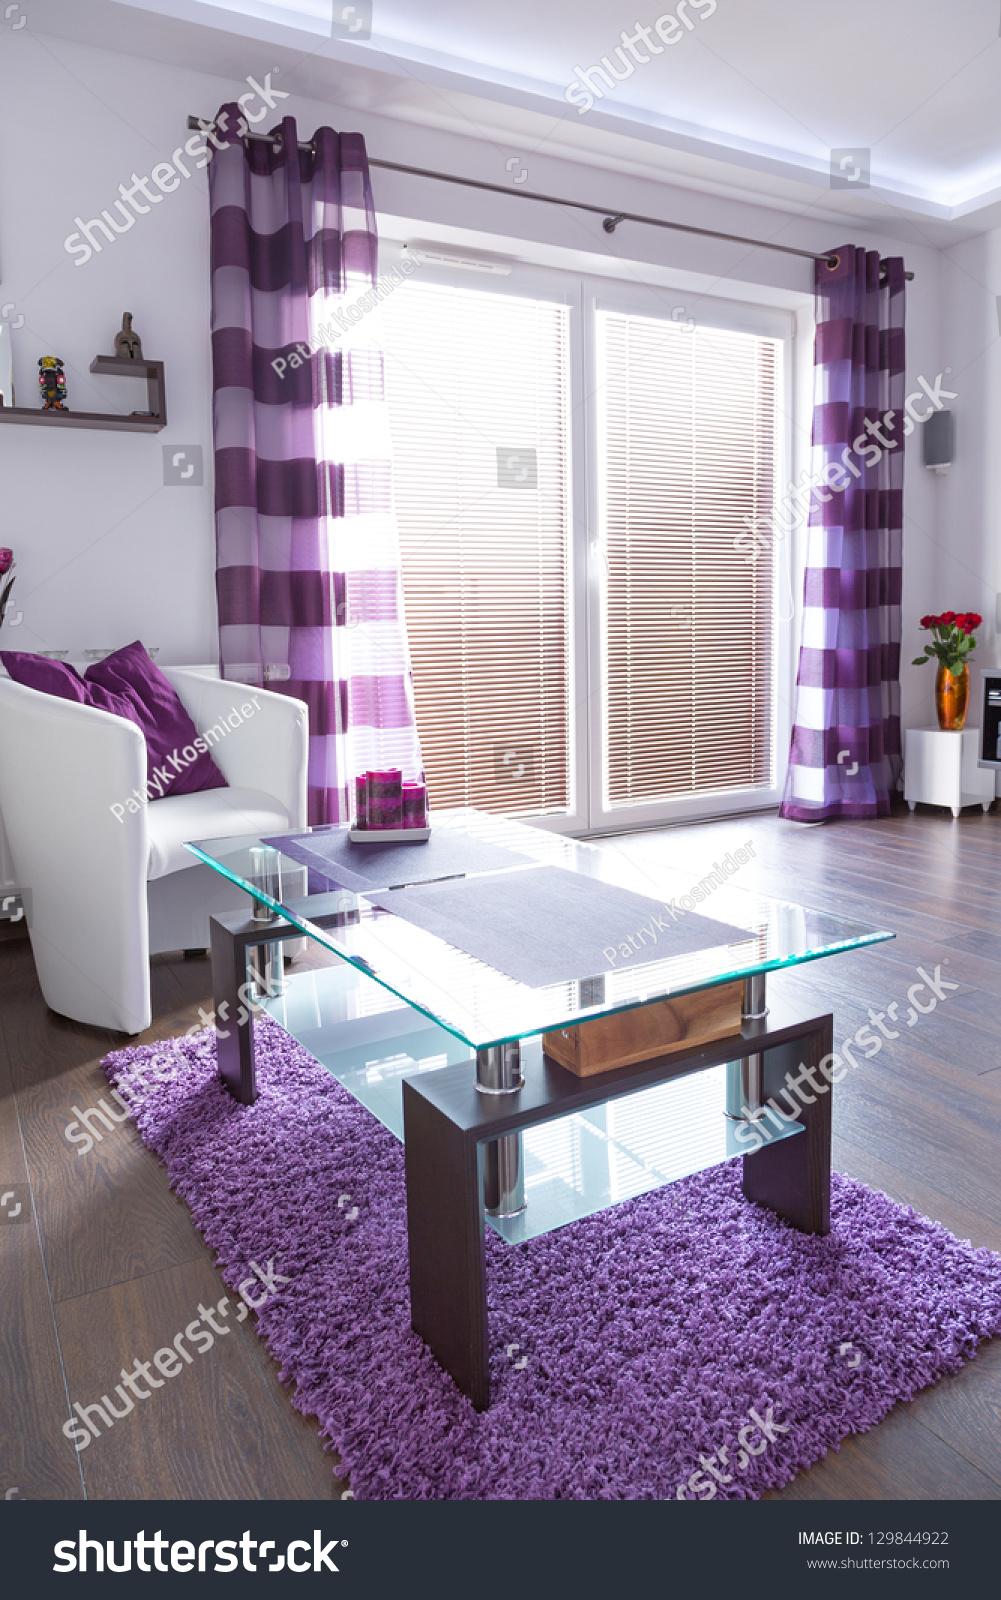 Modern White Living Room Interior Purple Buildings Landmarks Stock Image 129844922